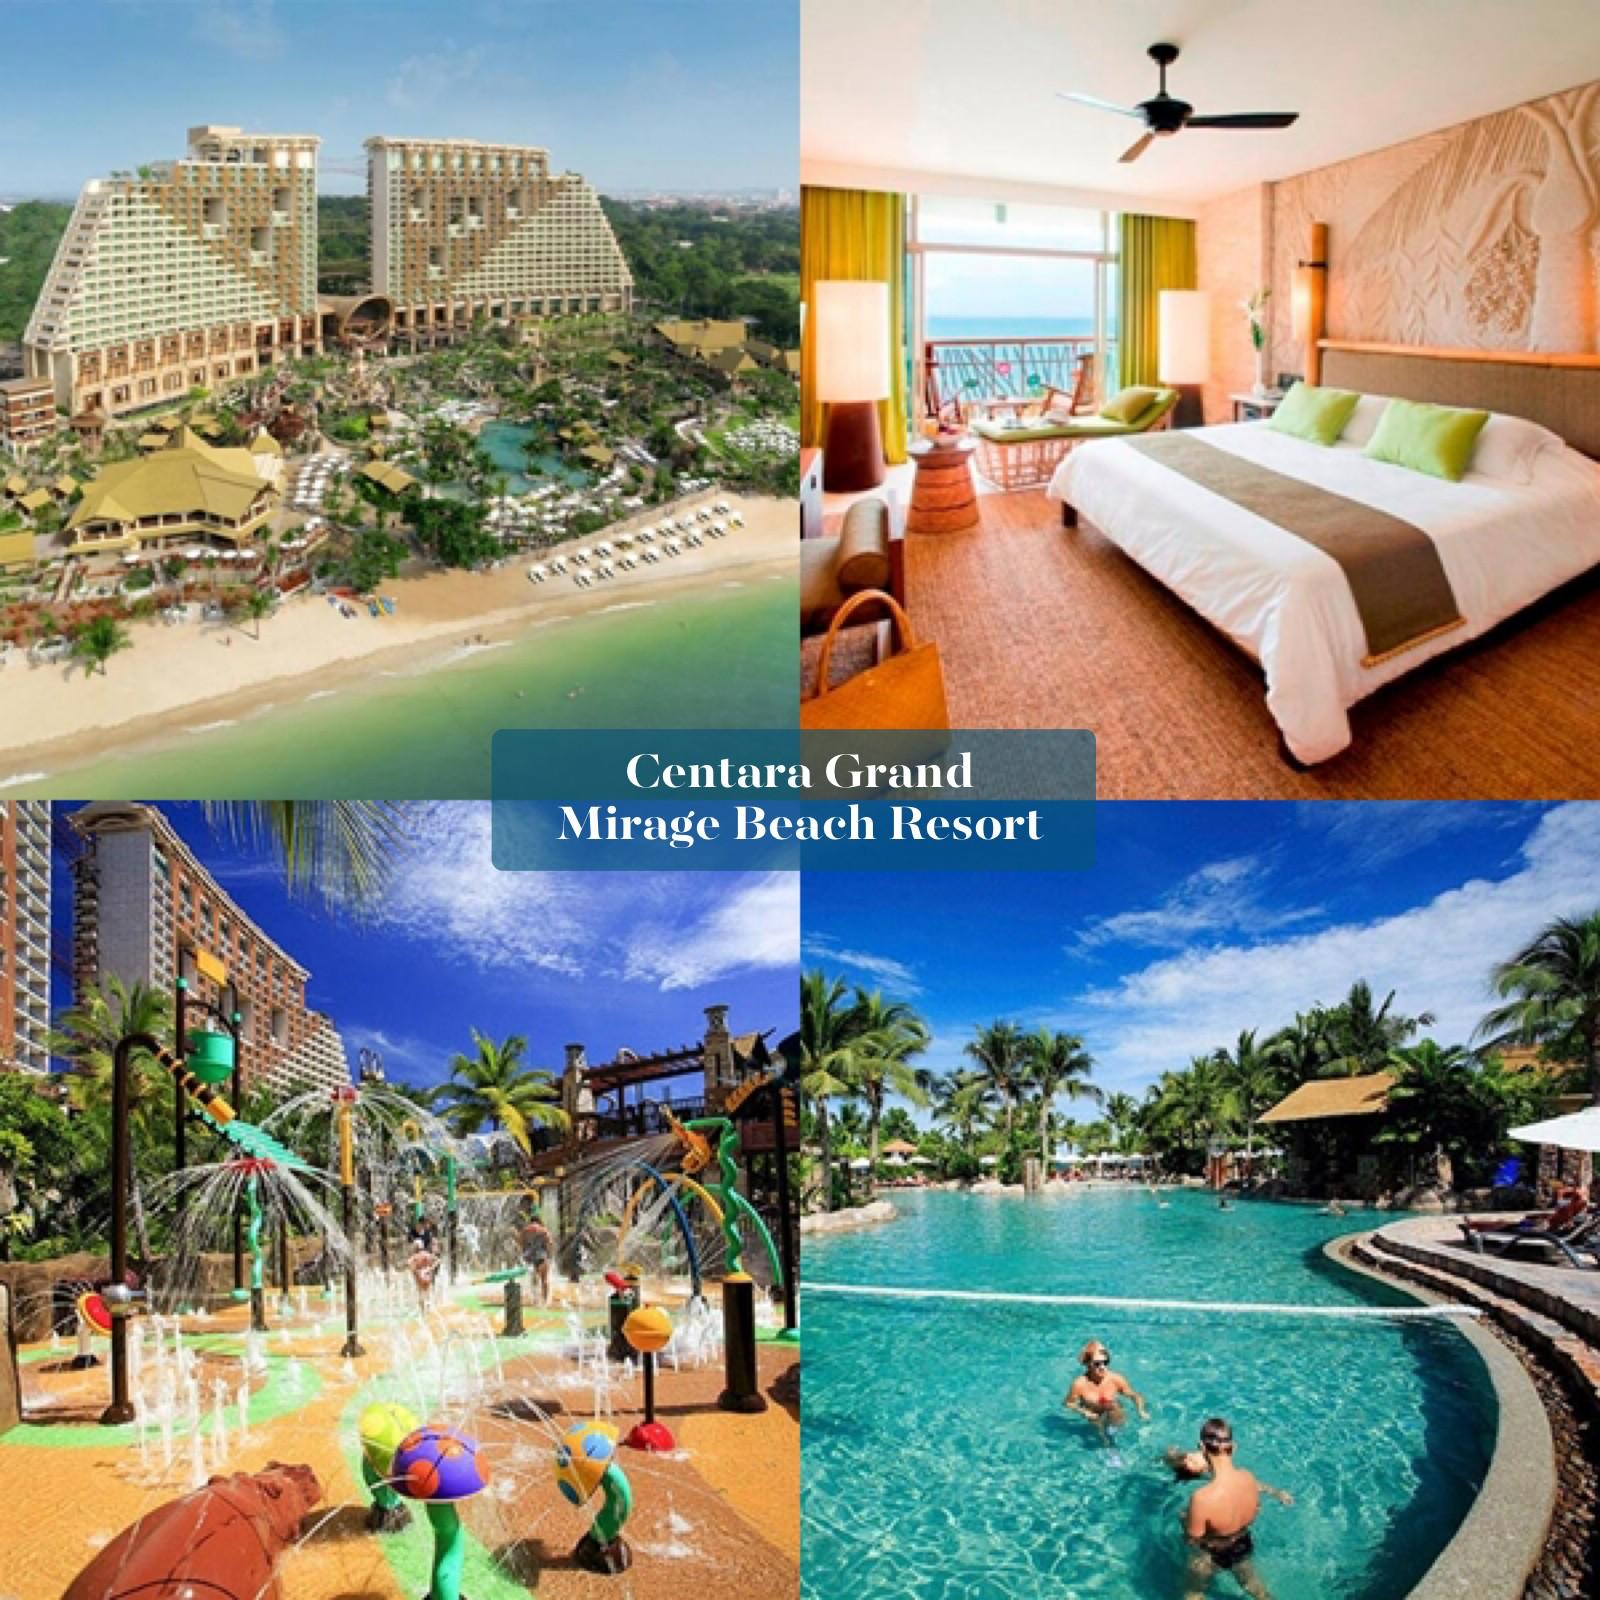 Centara Grand Mirage Beach Resort